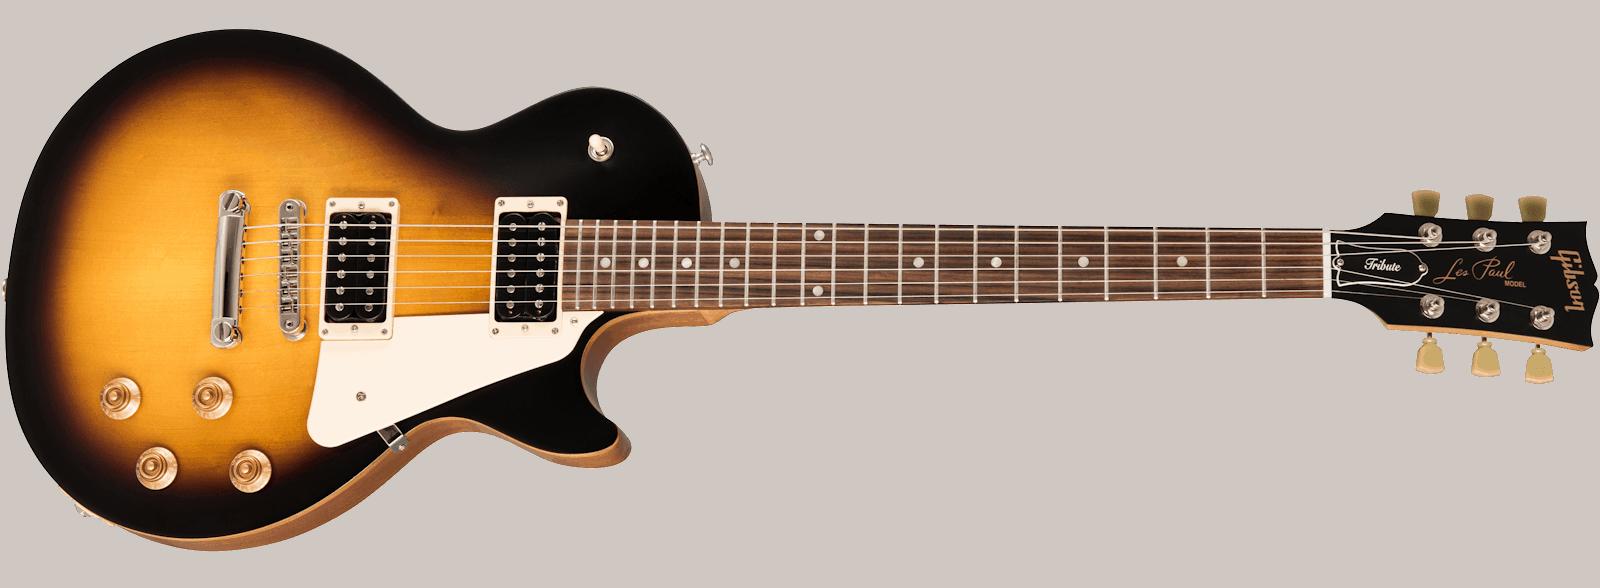 L'emblématique Gibson Les Paul - souvent disponible chez Harry Guitars